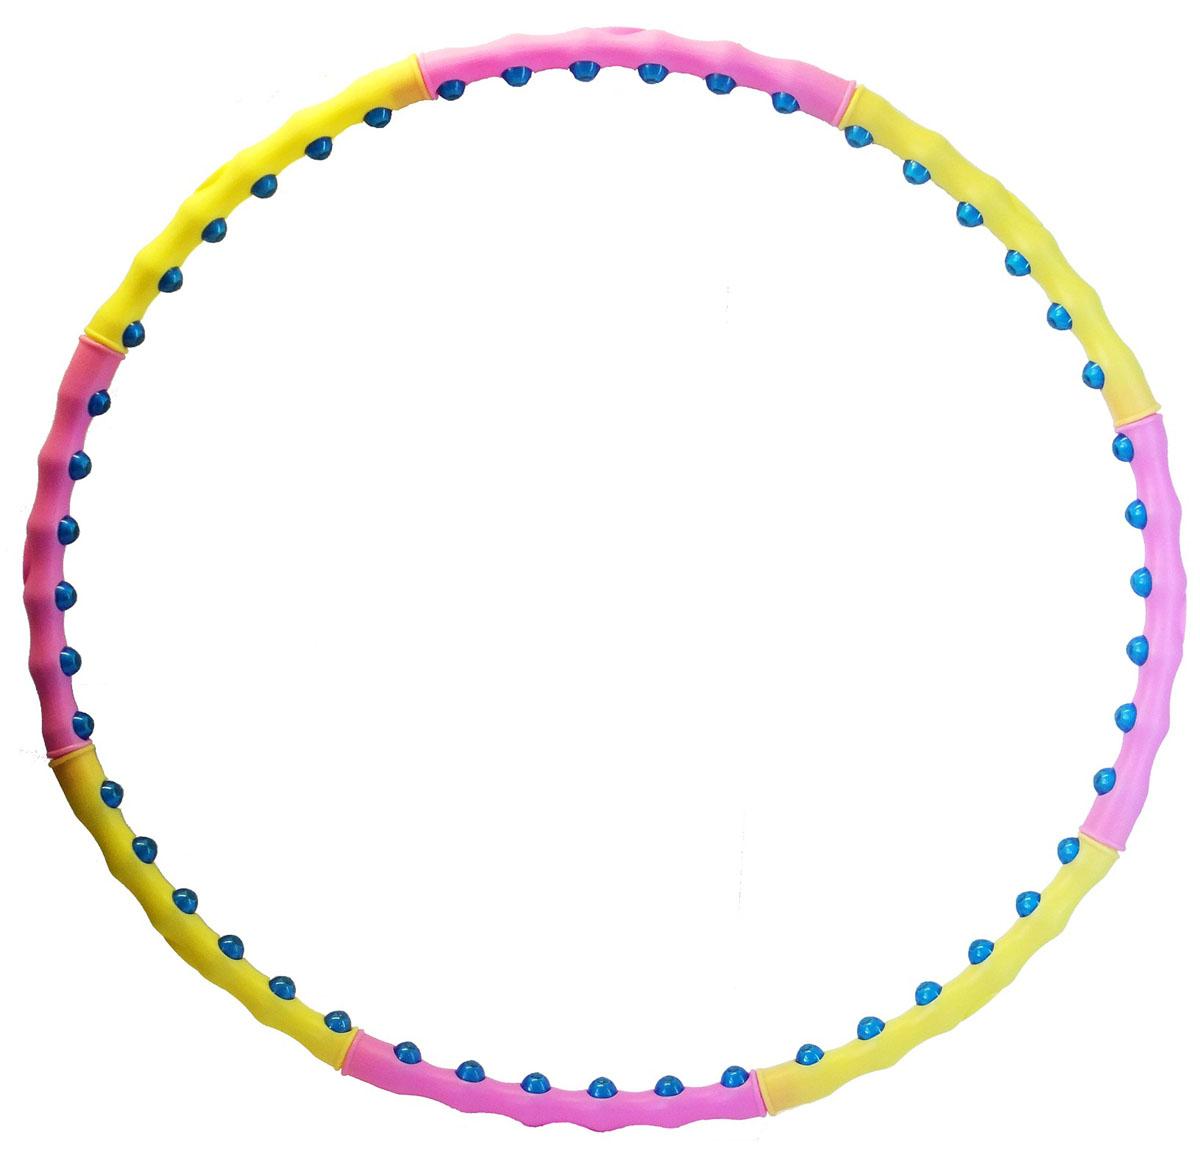 Обруч массажный разборный Z-sports, диаметр 100 см